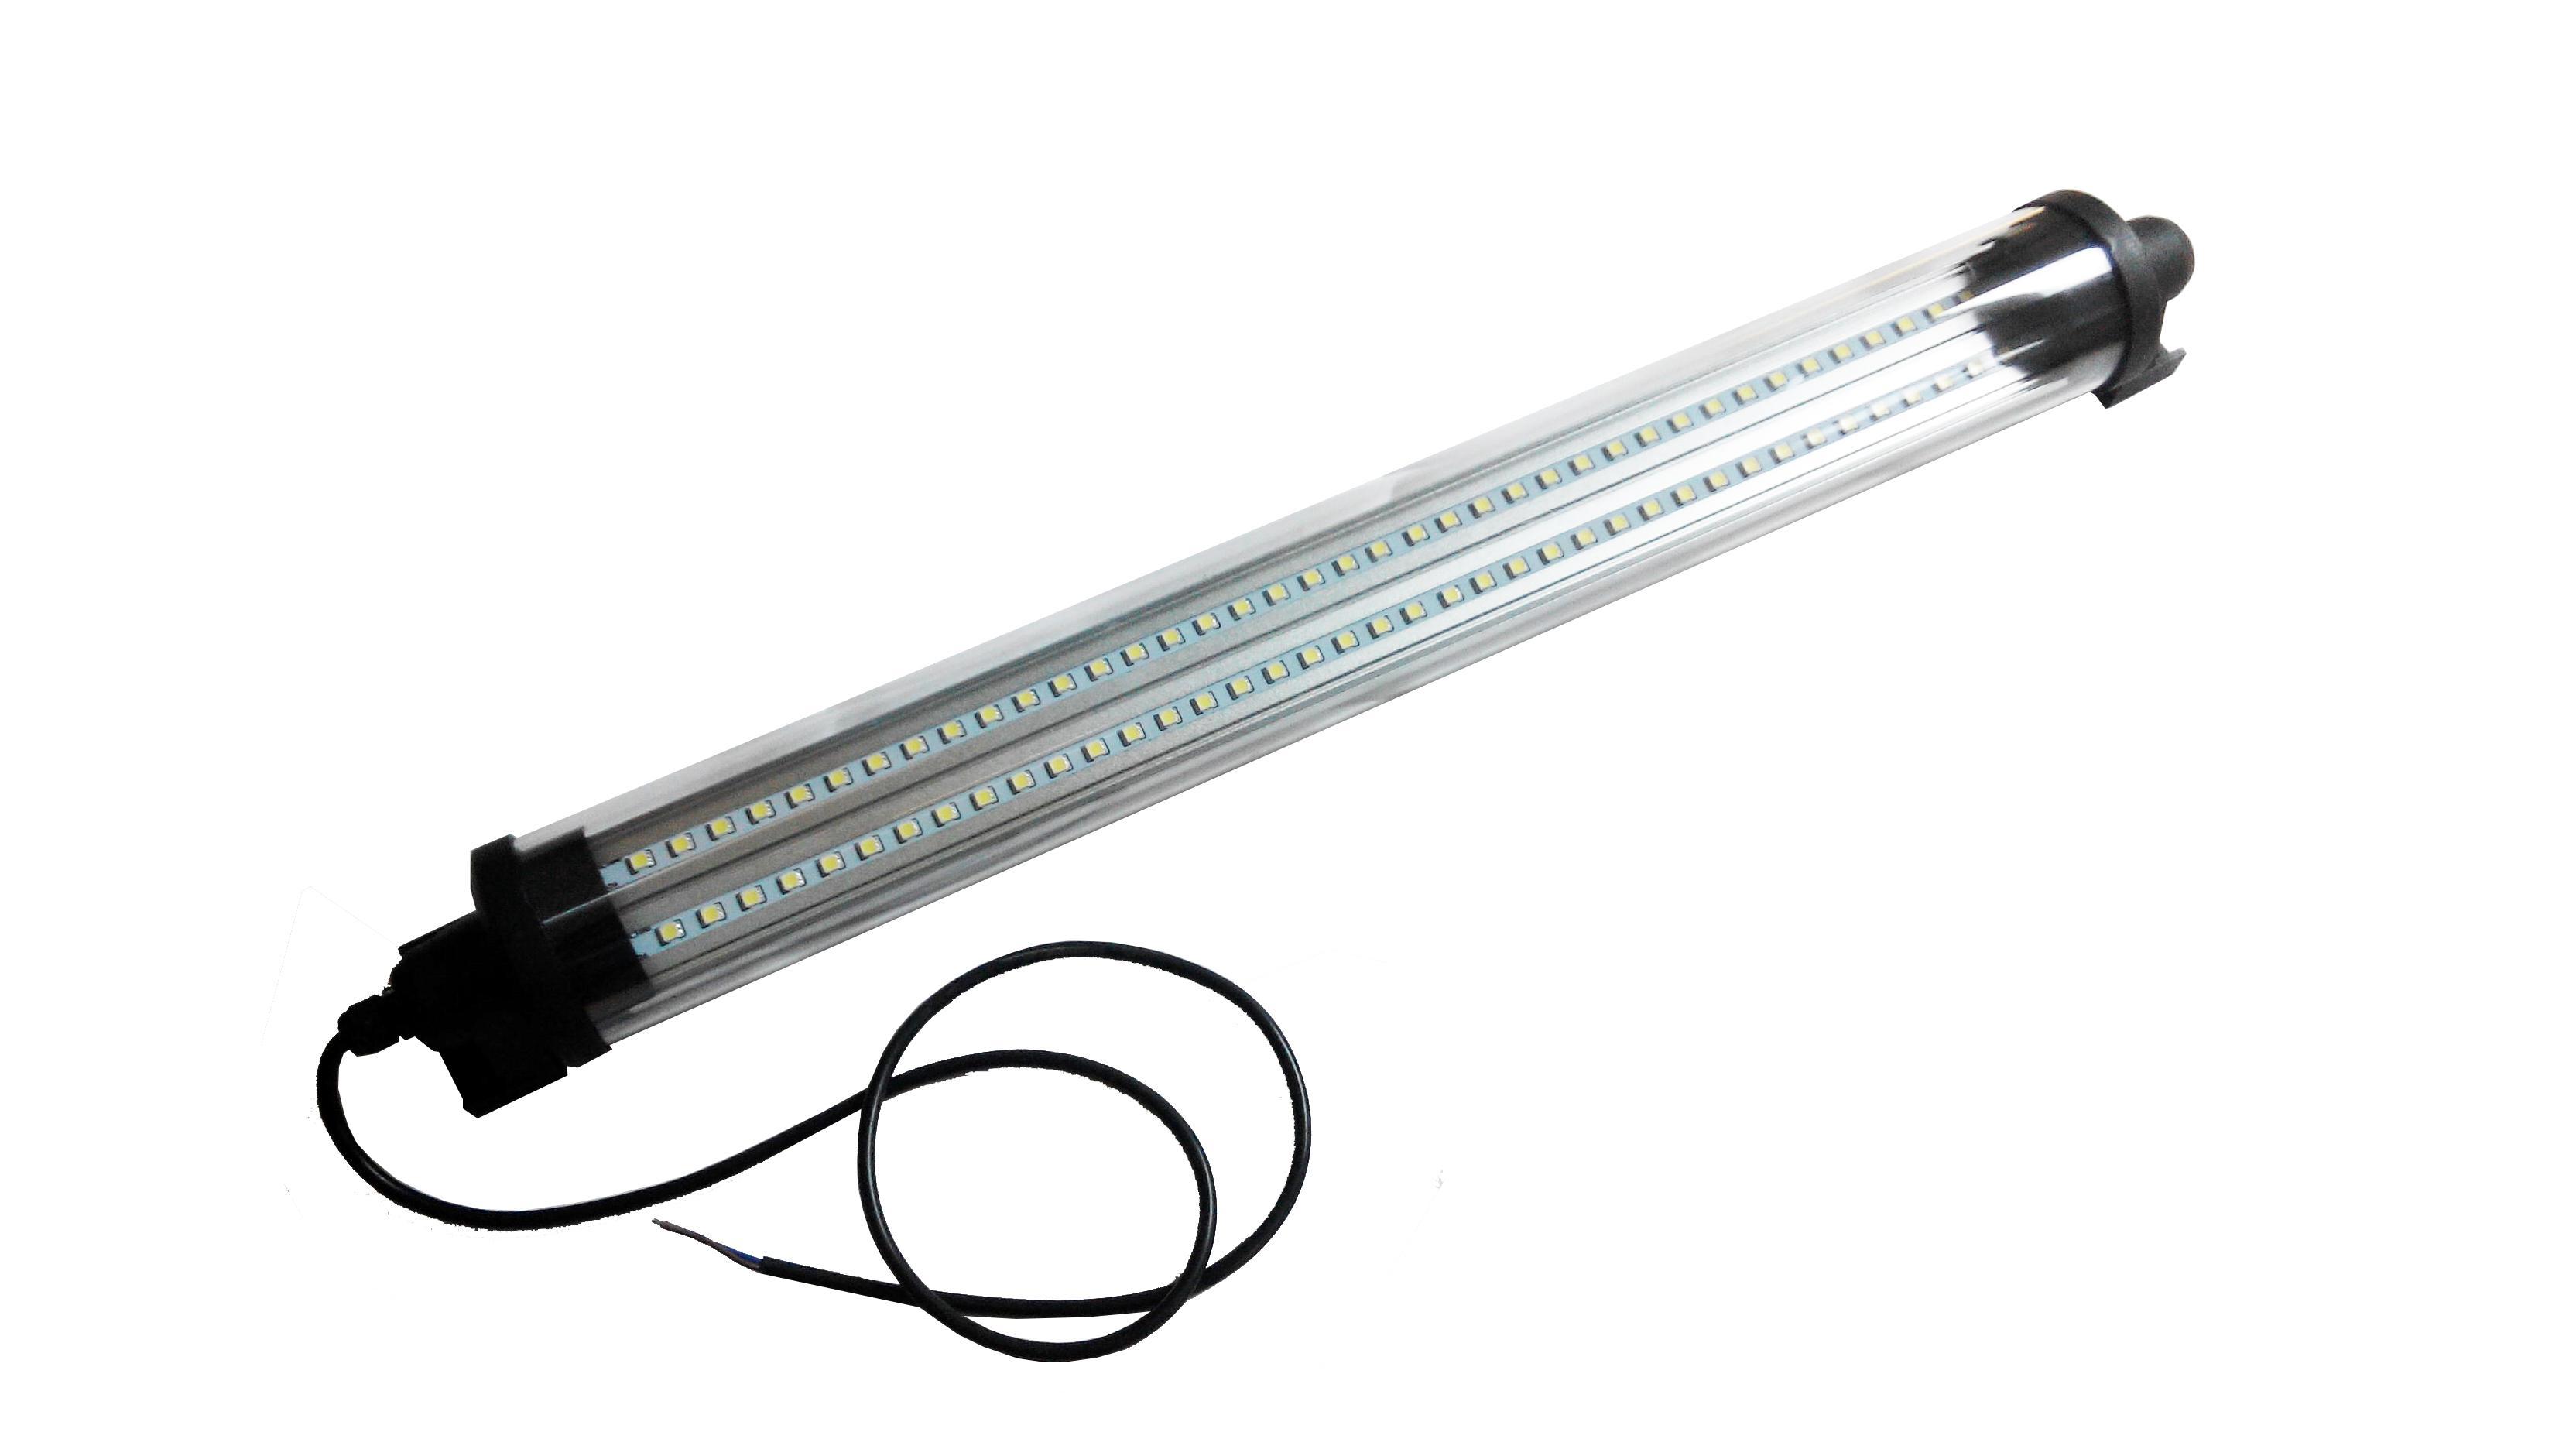 Hntd 16w Td40 24v 110v 220v Led Panel Lights Work Light Waterproof Explosion Proof Ip67 Wall